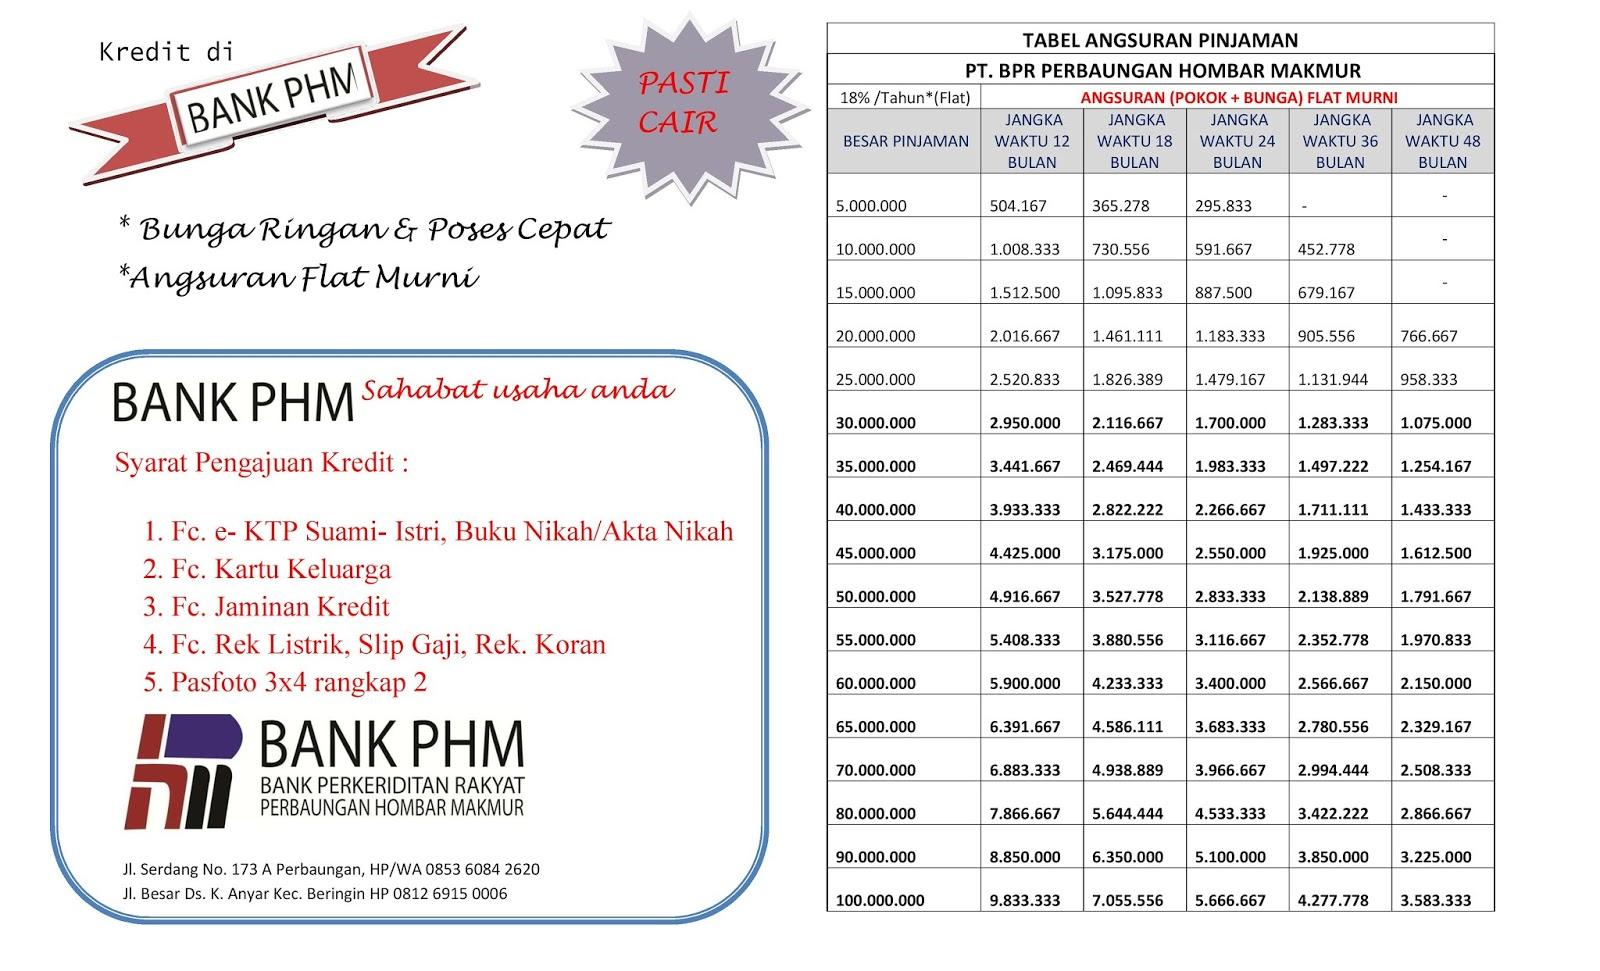 Pt Bank Perkreditan Rakyat Perbaungan Hombar Makmur Tabel